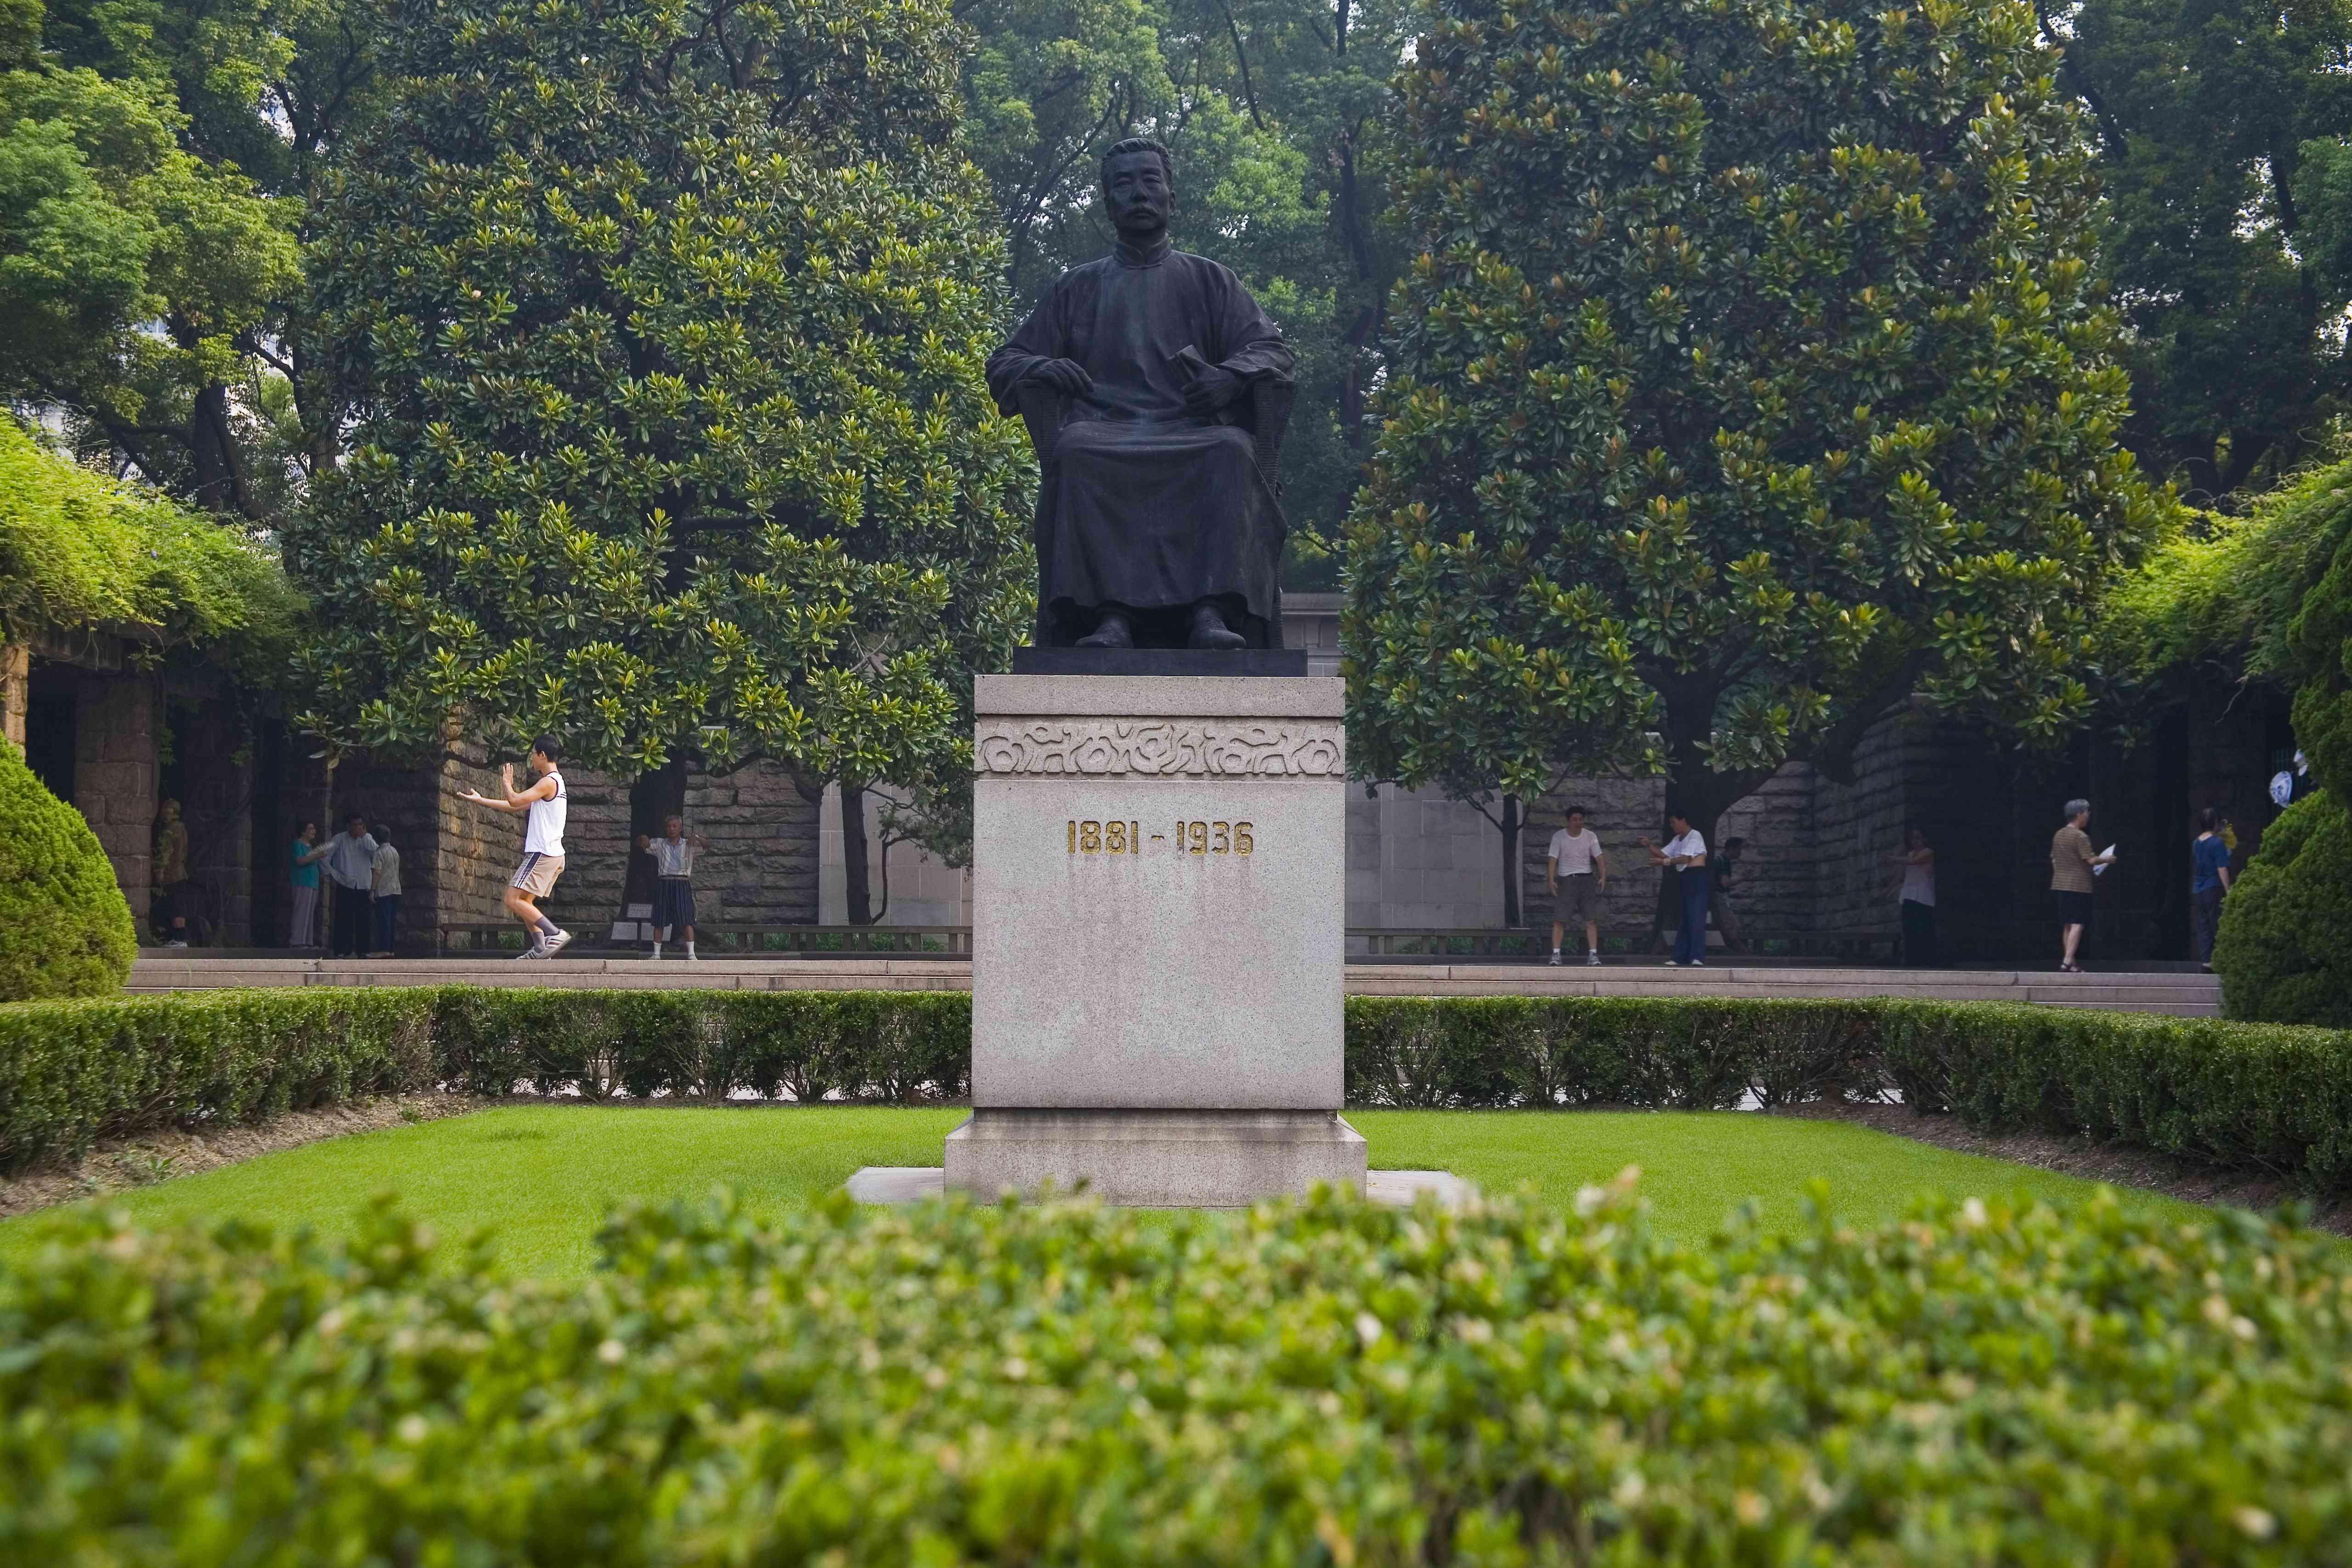 Statue of poet Lu Xun in Shanghai's Luxun Park